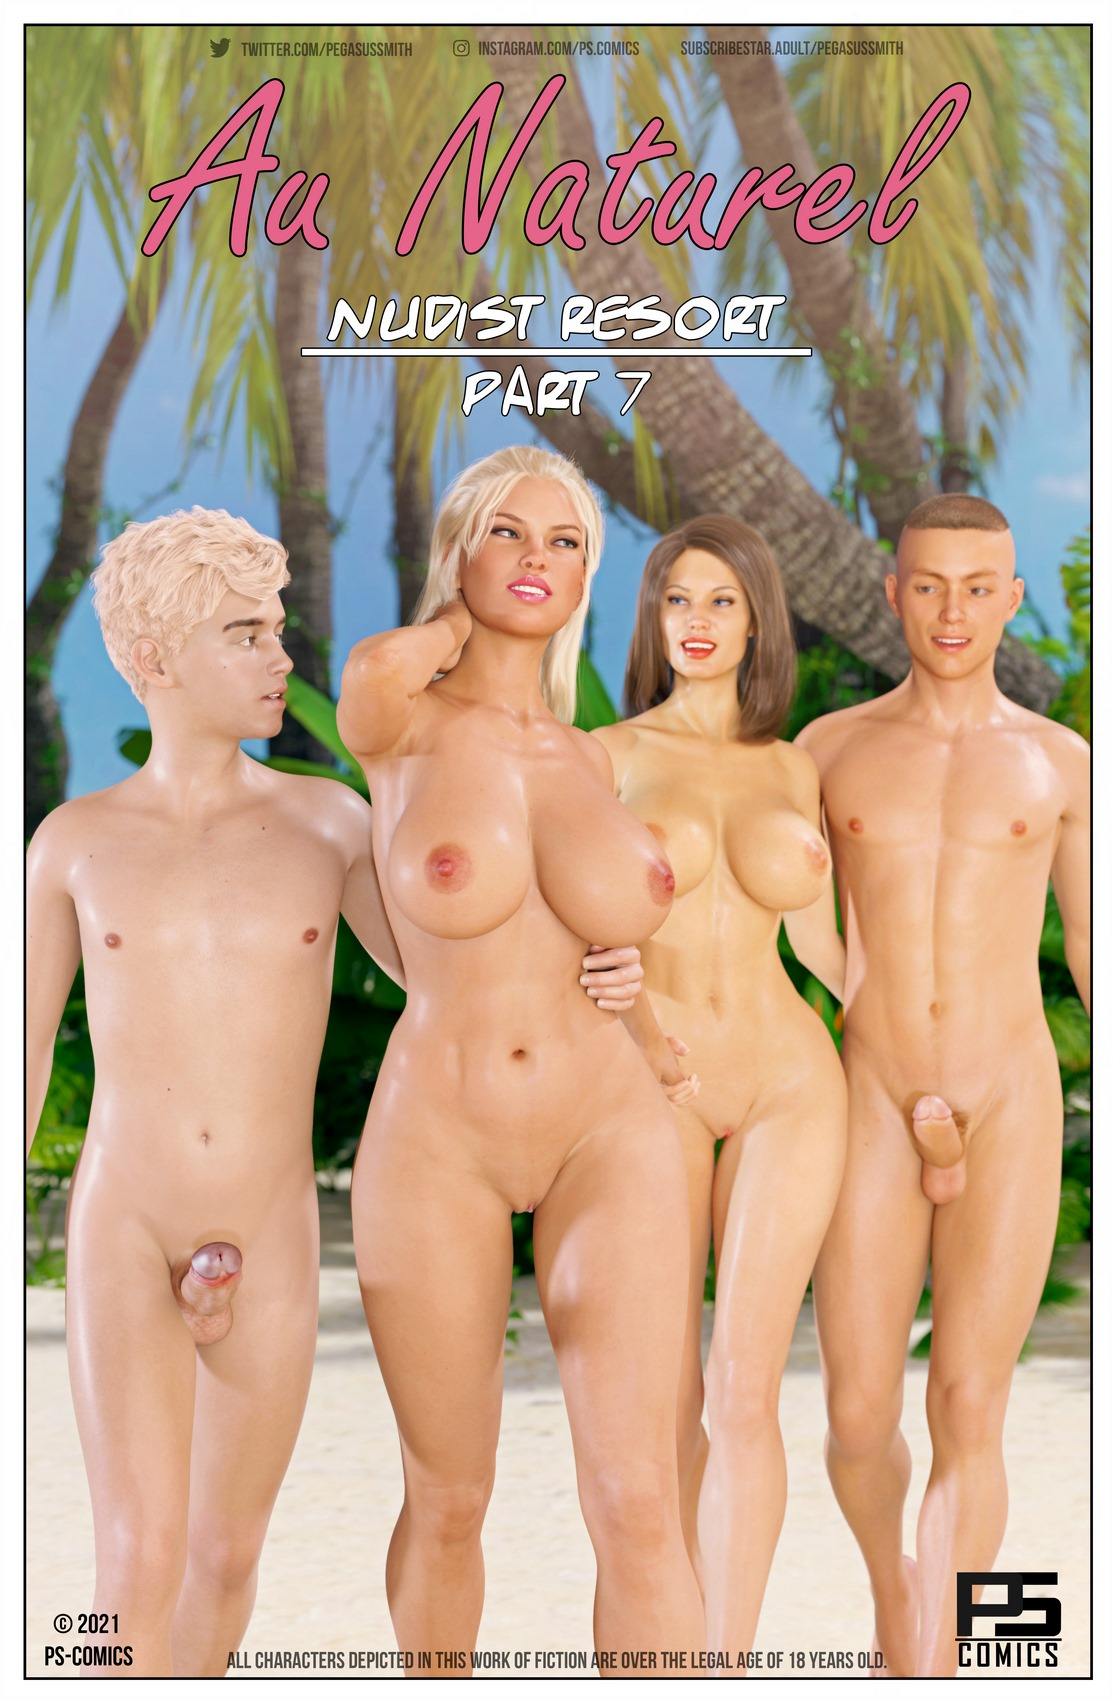 AU NATUREL - Nudist Resort parte 7